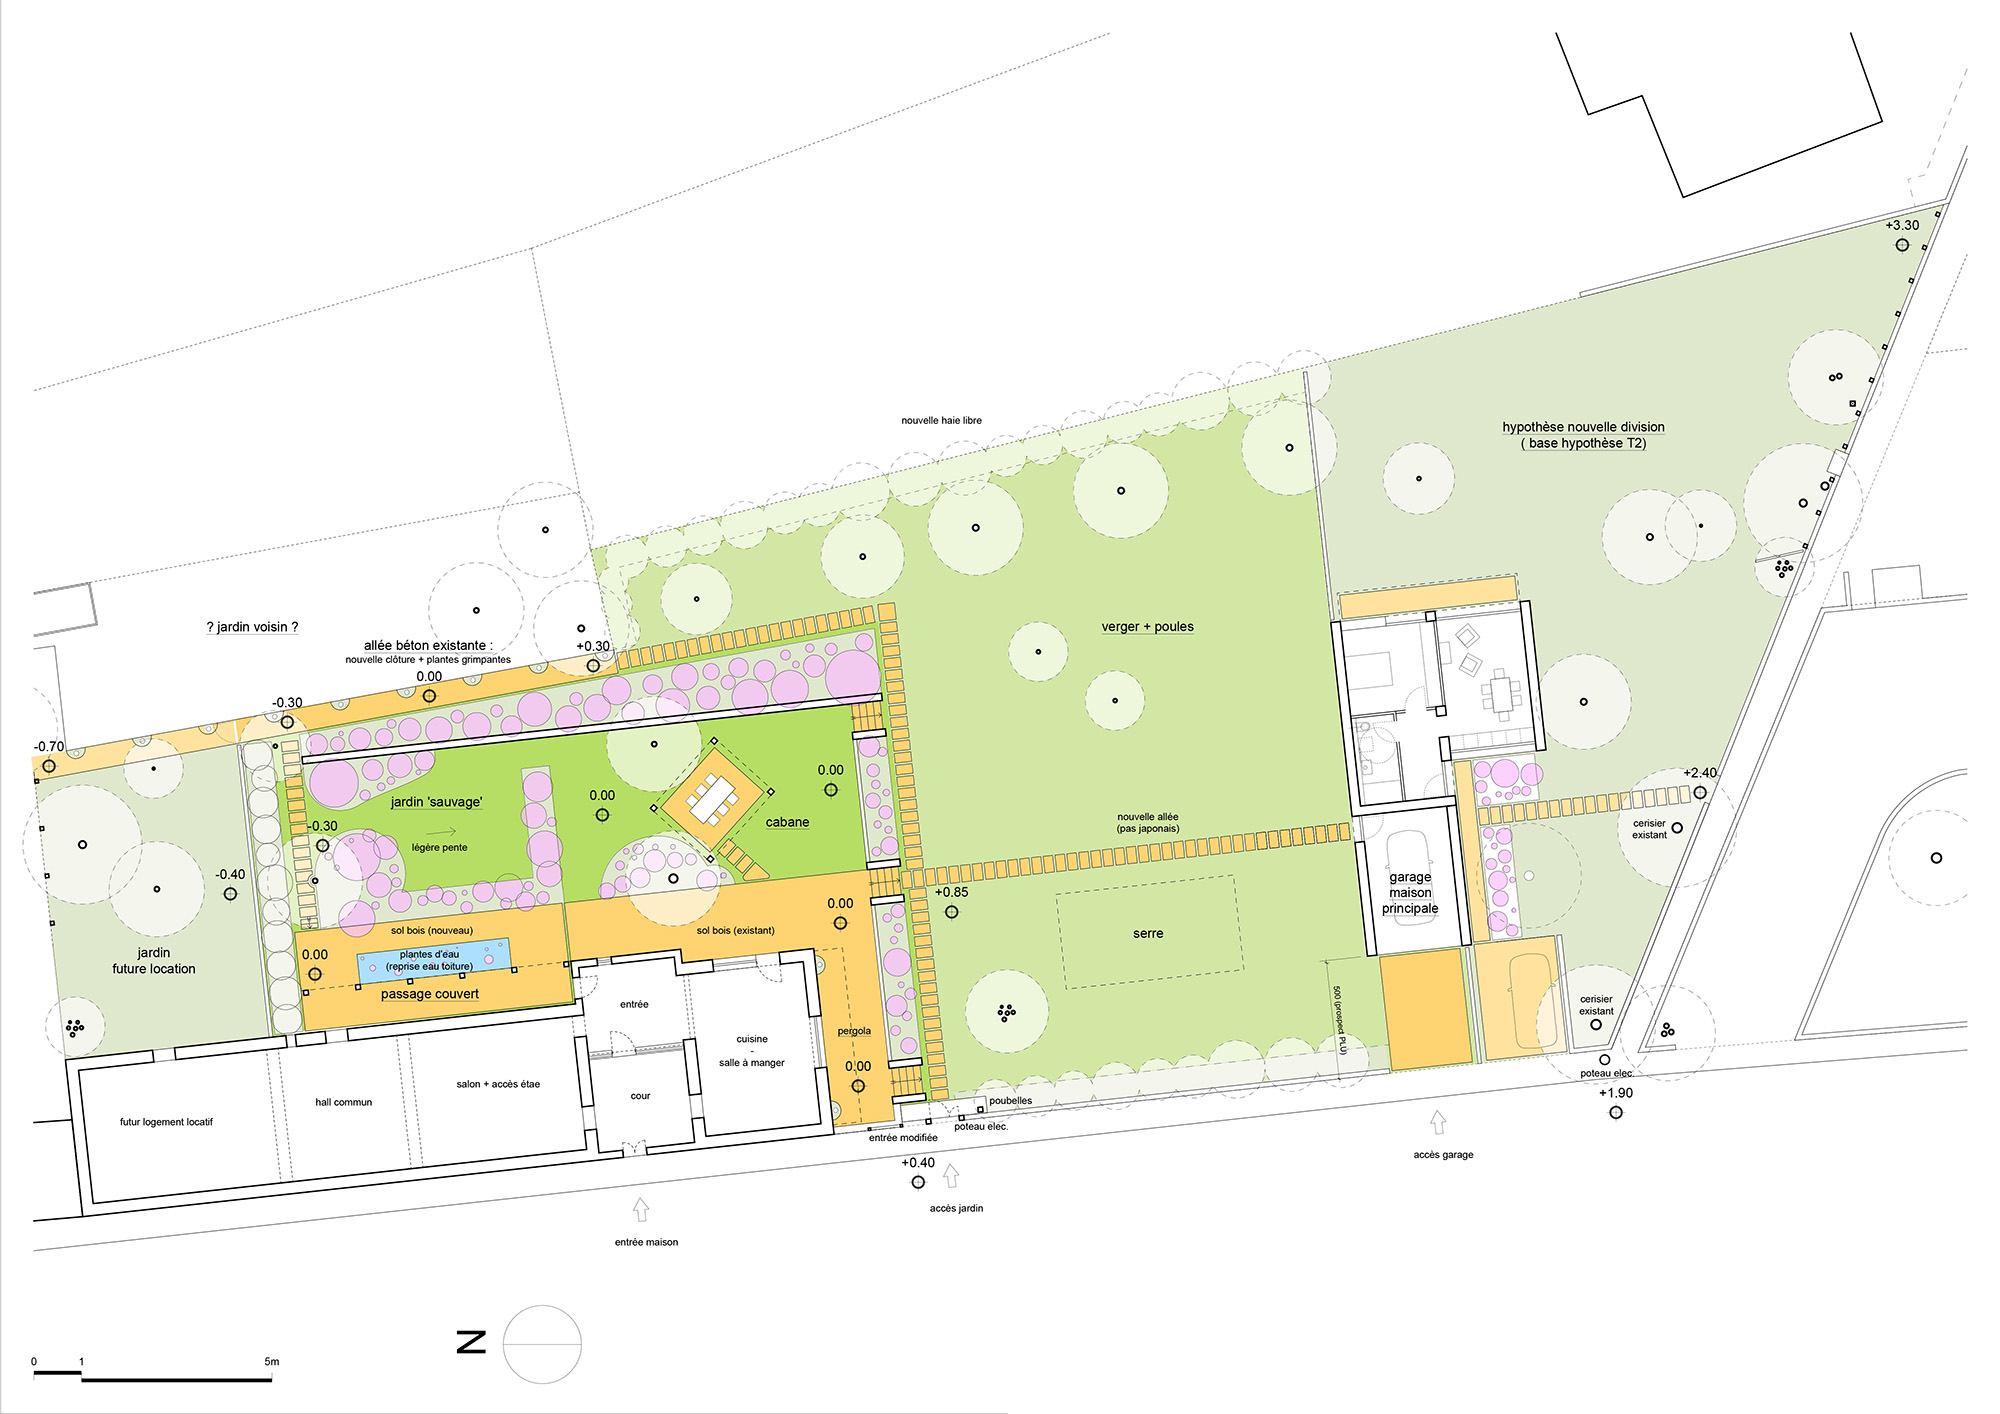 jardin montauville-plan general